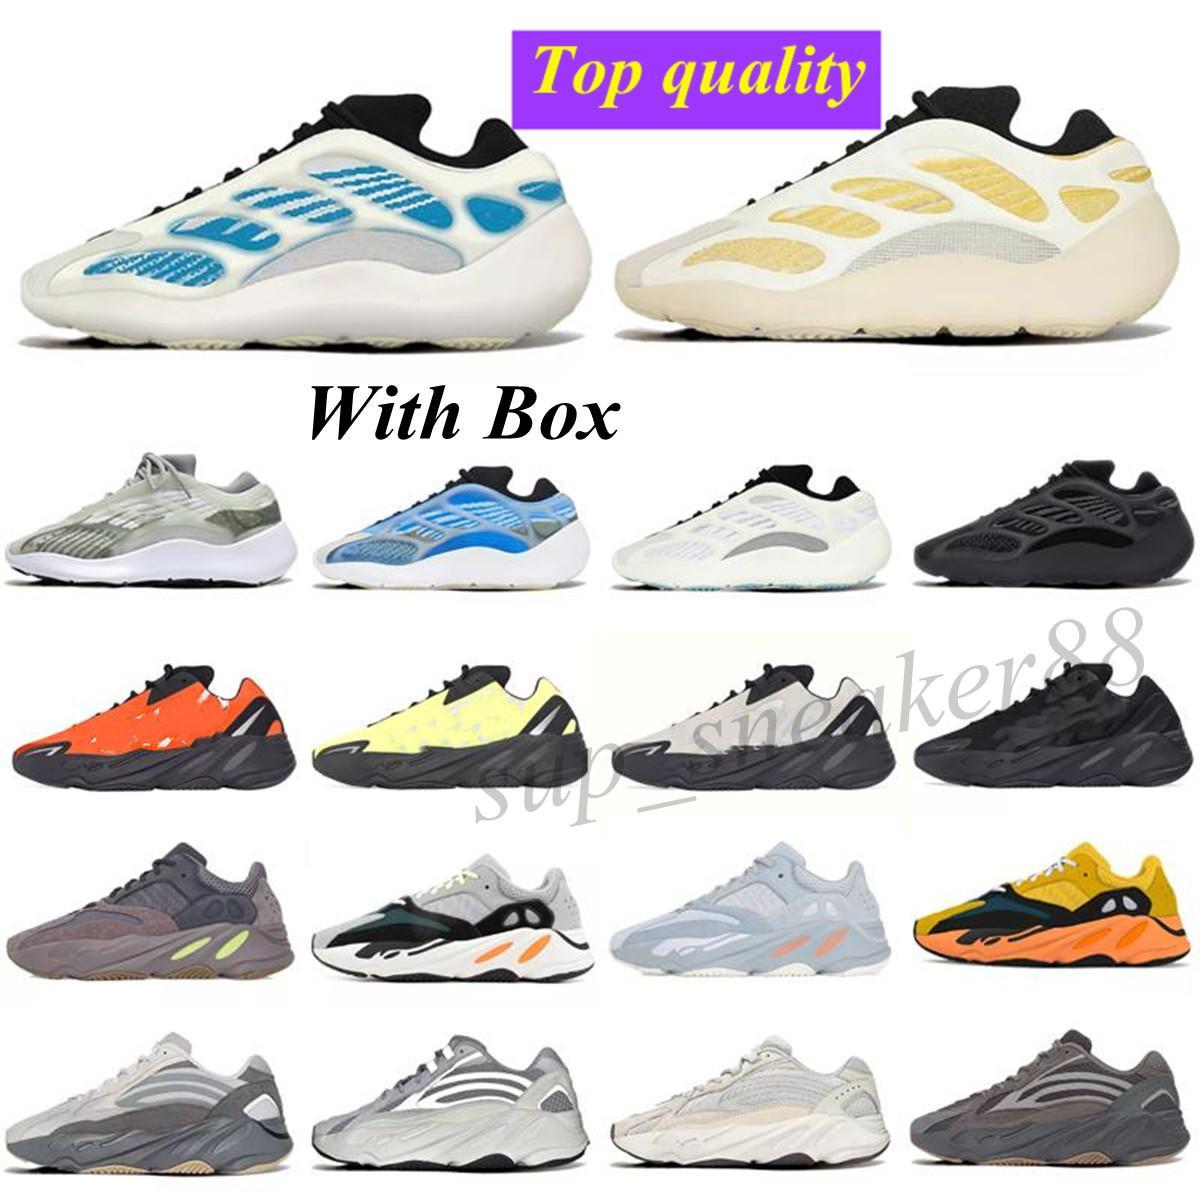 Kutusu 2021 ile En Kaliteli Alva Static 700 Kadın Erkek Çalışma Ayakkabıları Kalsit Glow Yansıtıcı Oniks Katı Gri Sun Yecoraite Eğitmenler Sneakers